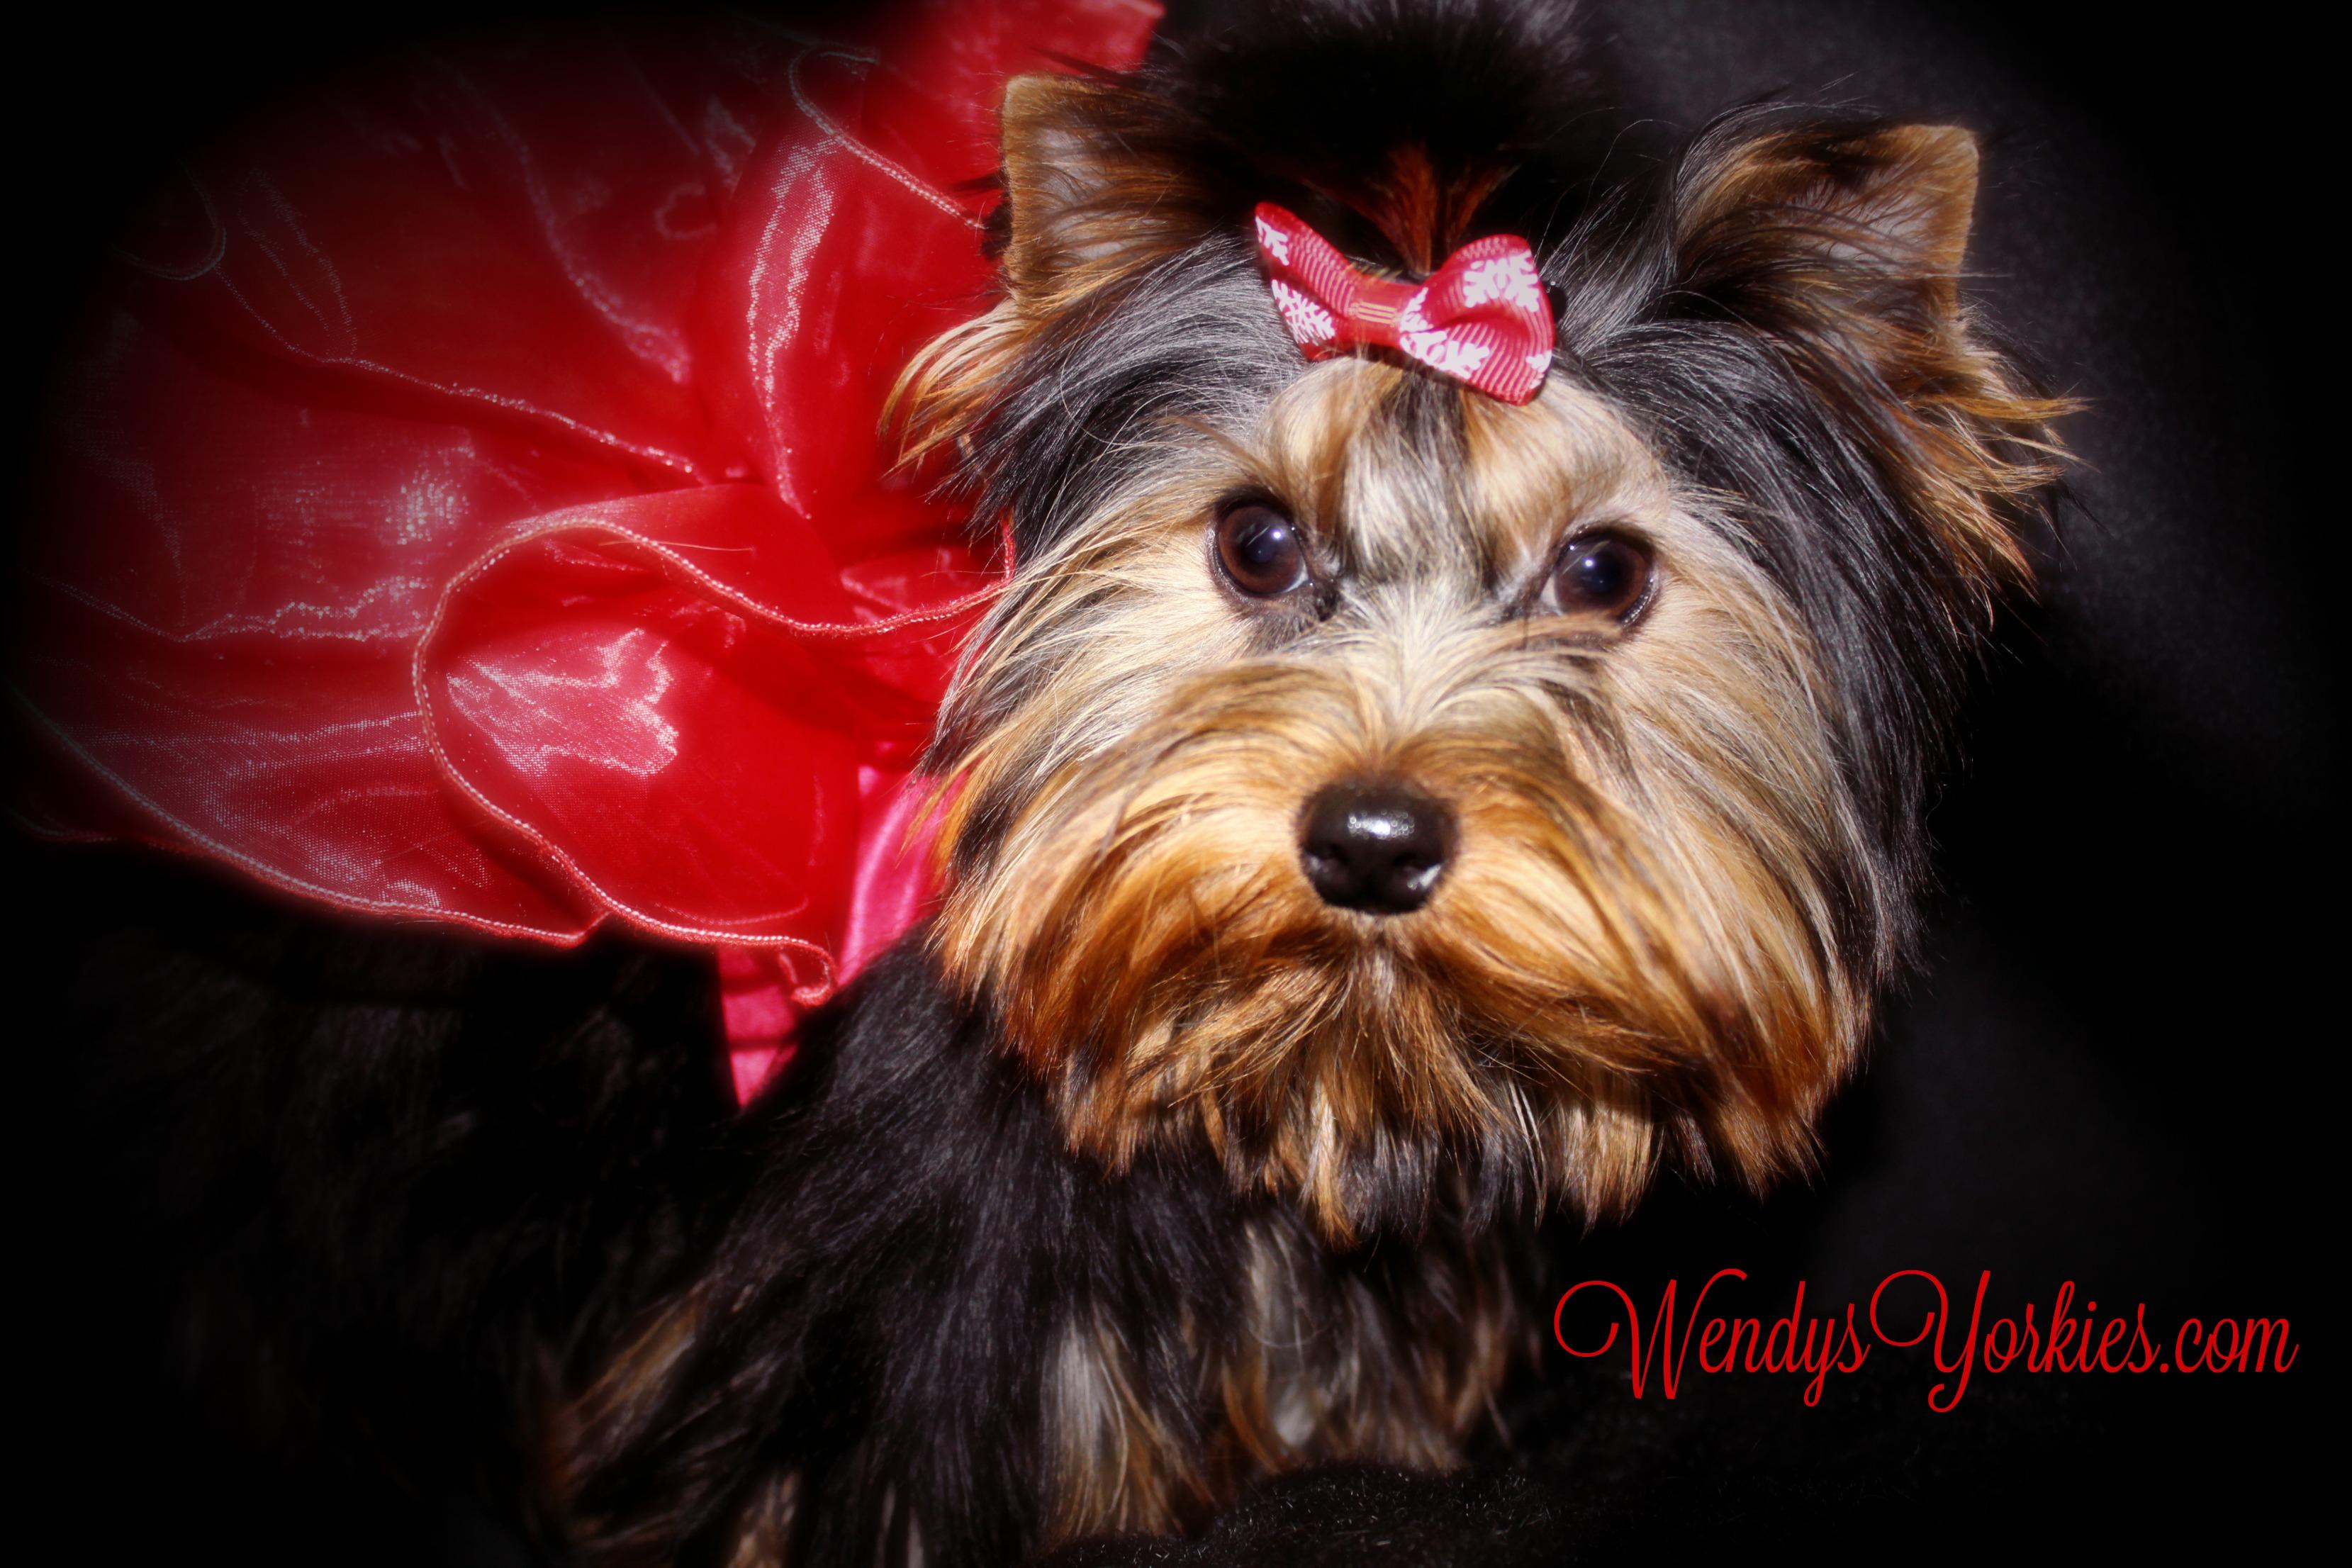 WendysYorkies.com, Teacup Yorkie puppy for sale, Cookie